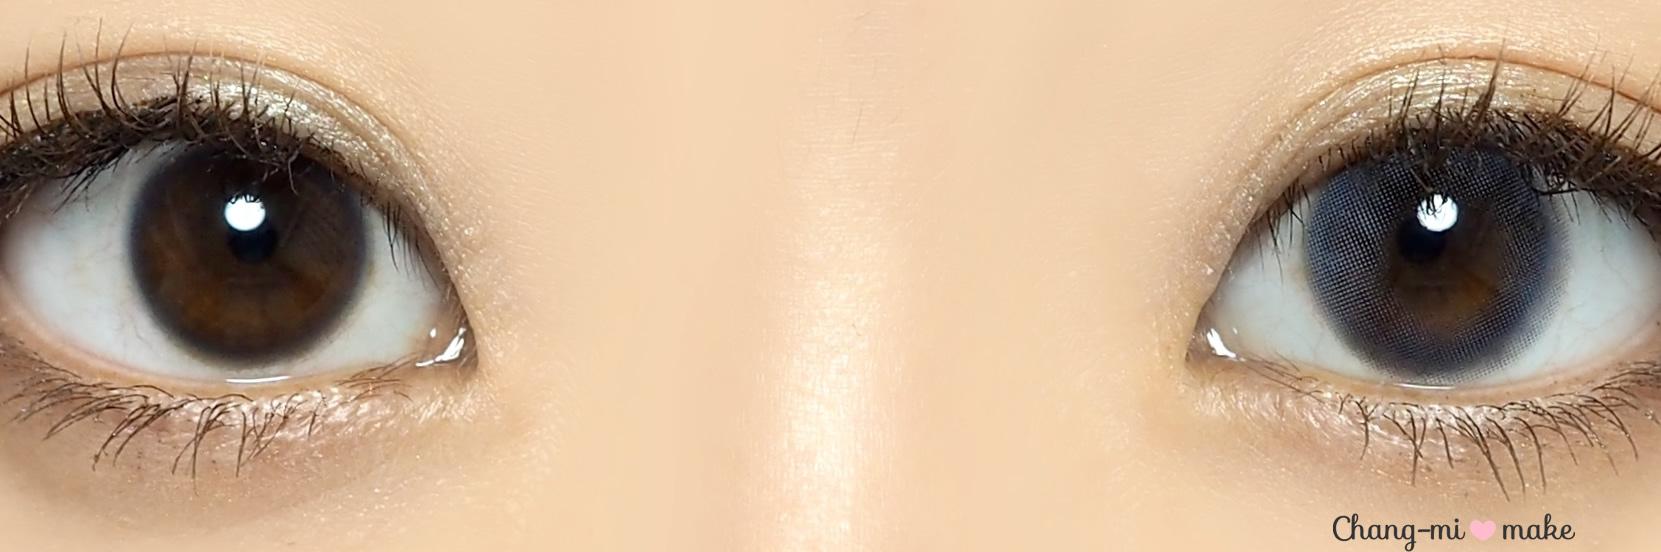 ソウルグレー12